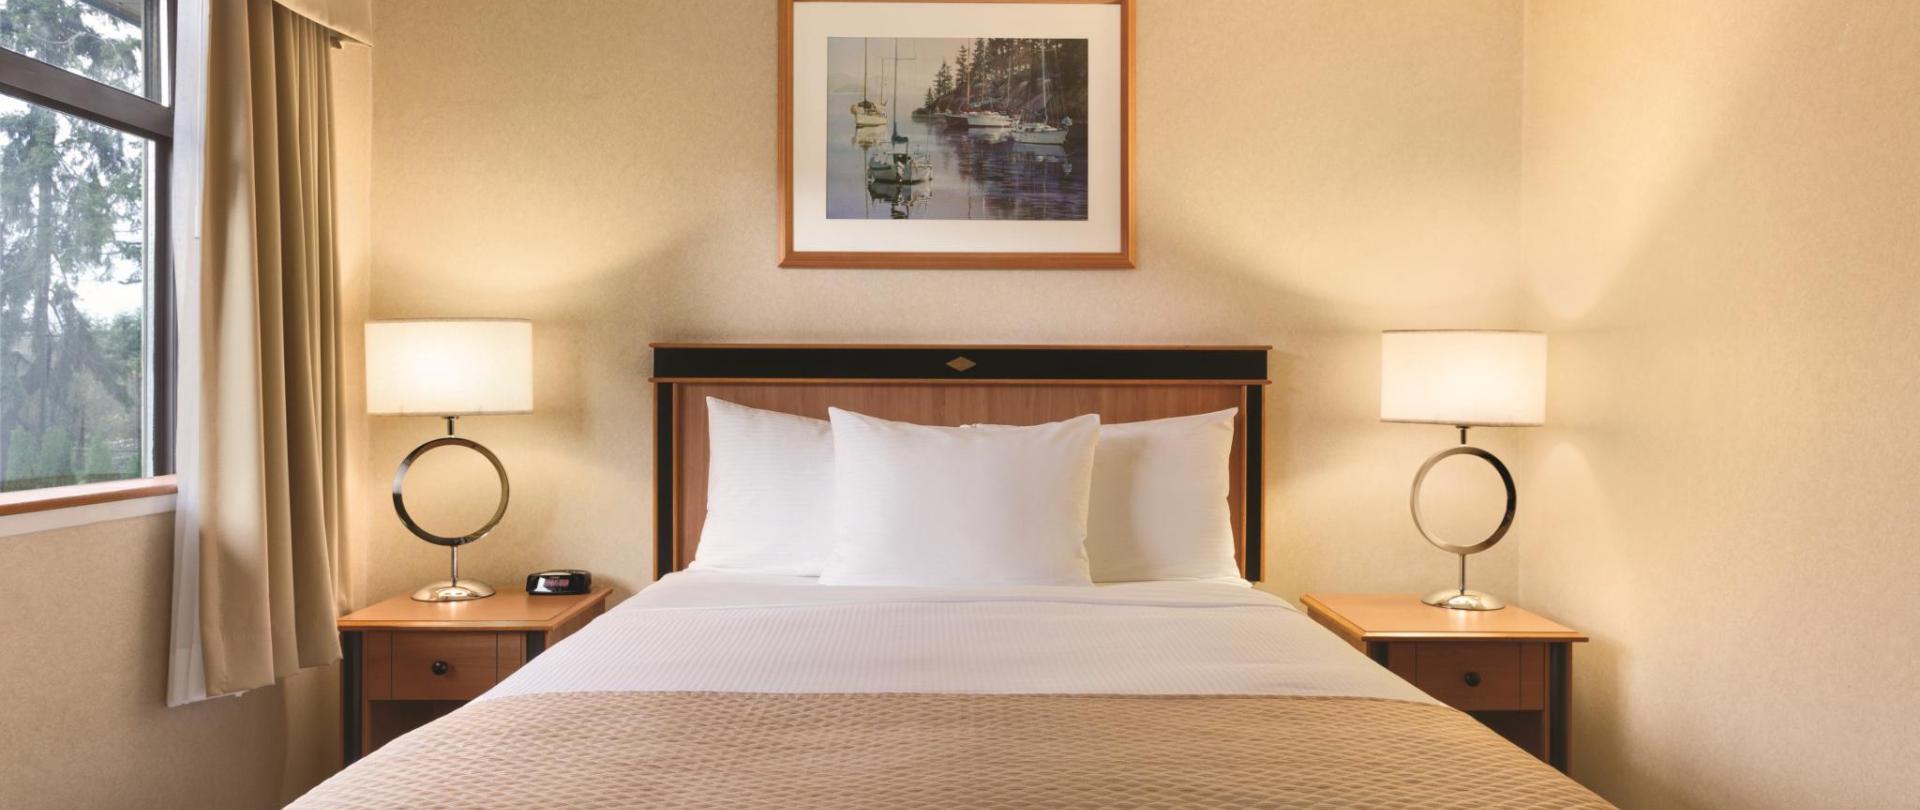 C 1 Queen Bed 4378x2918.jpg